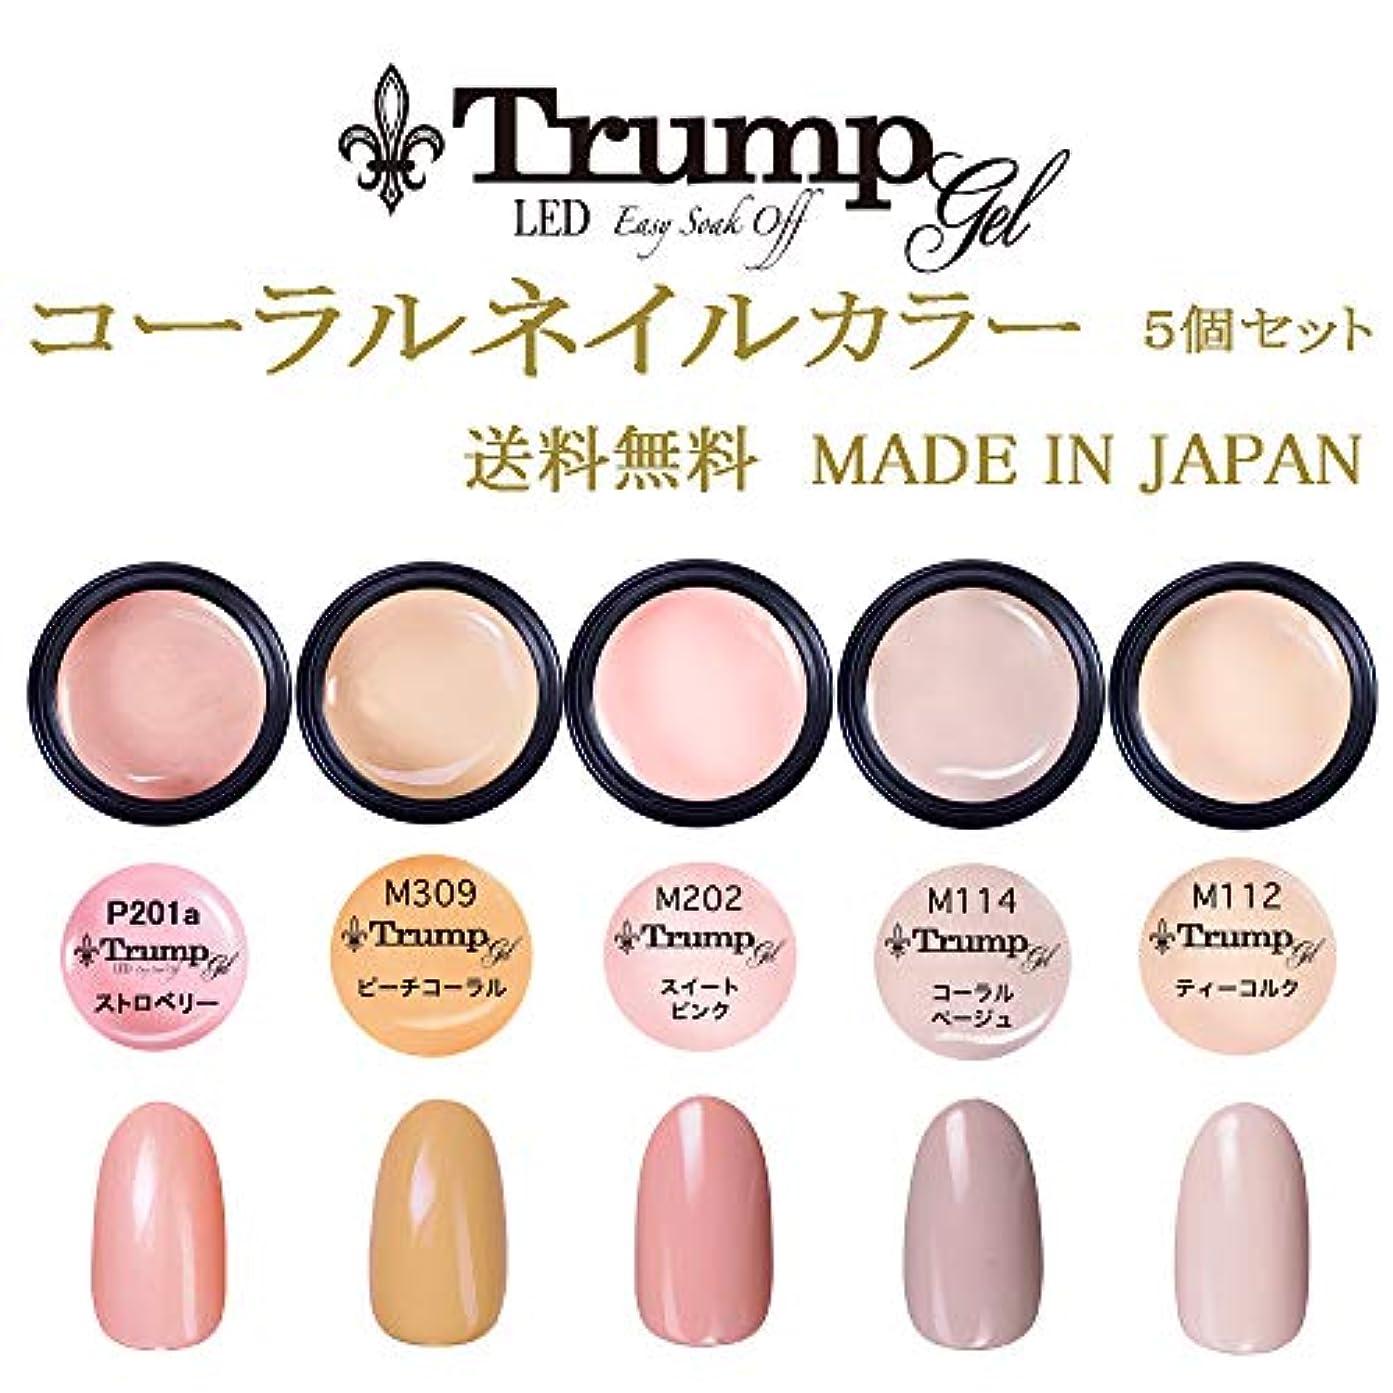 デコラティブコイン頂点【送料無料】日本製 Trump gel トランプジェル コーラルネイル カラージェル 5個セット 明るくて可愛い コーラルネイルカラージェルセット